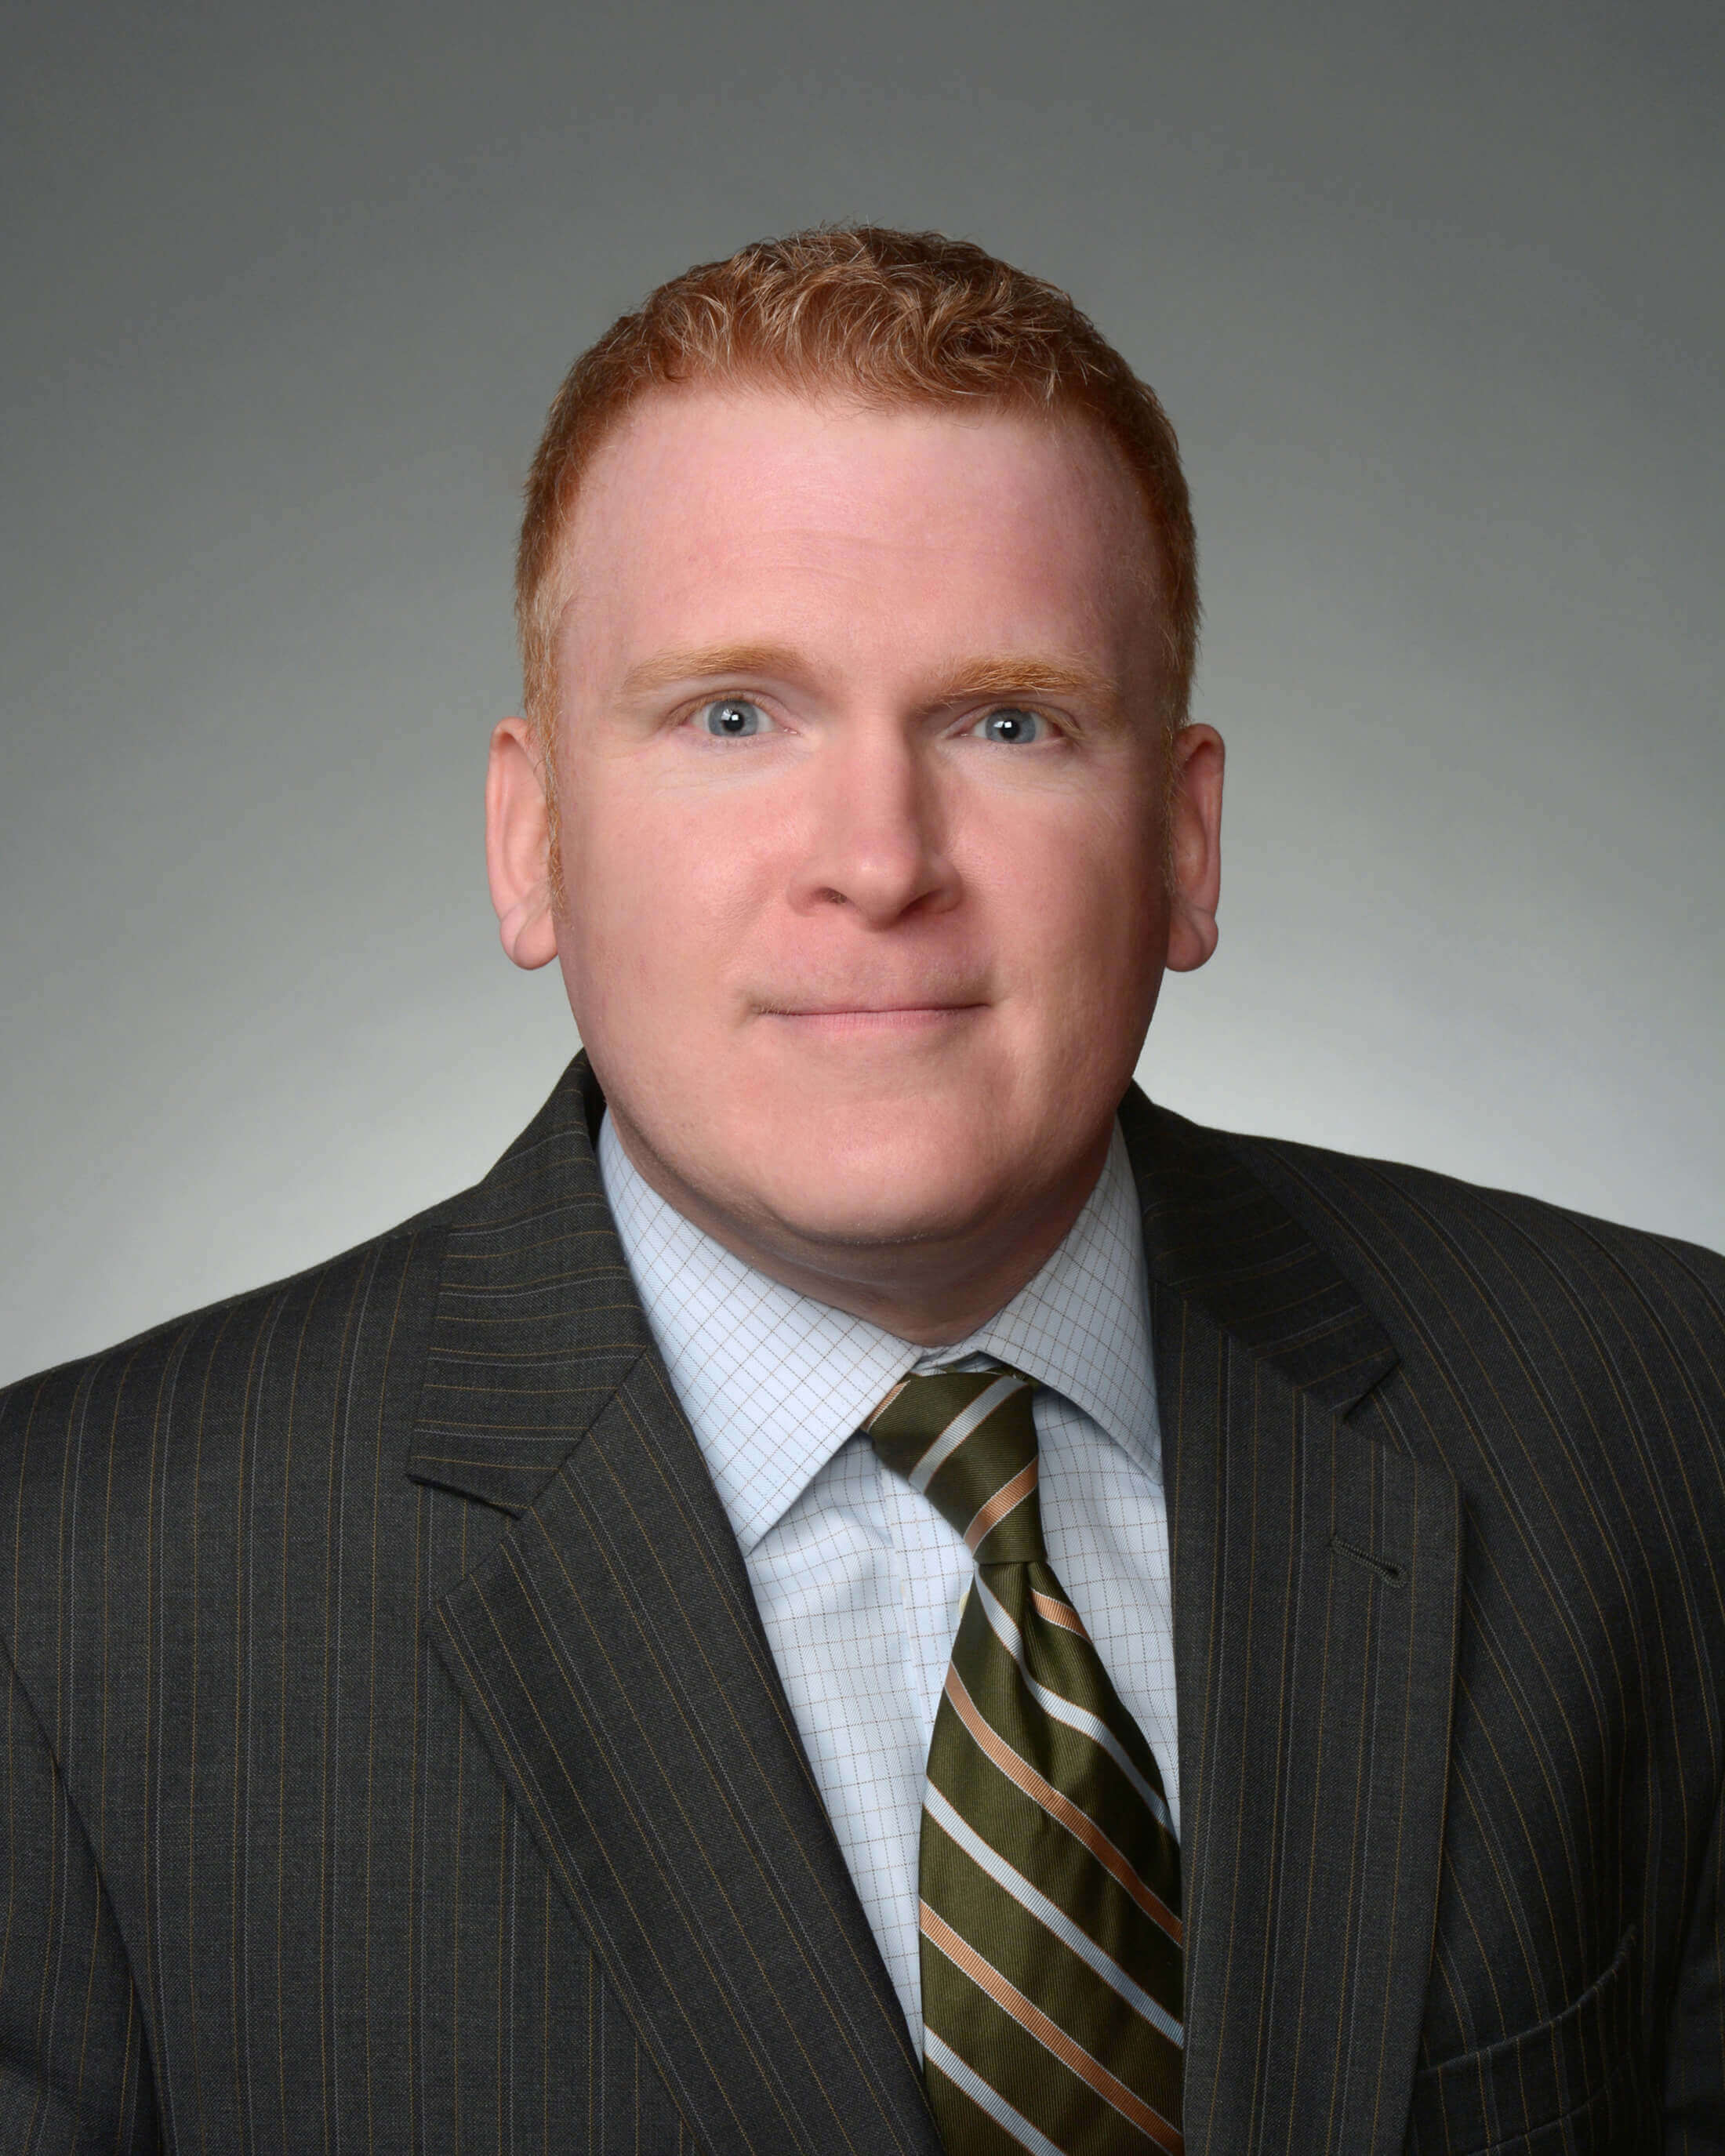 Cook County Real Estate Attorney - Michael Gilmartin Legal La Grange, Illinois